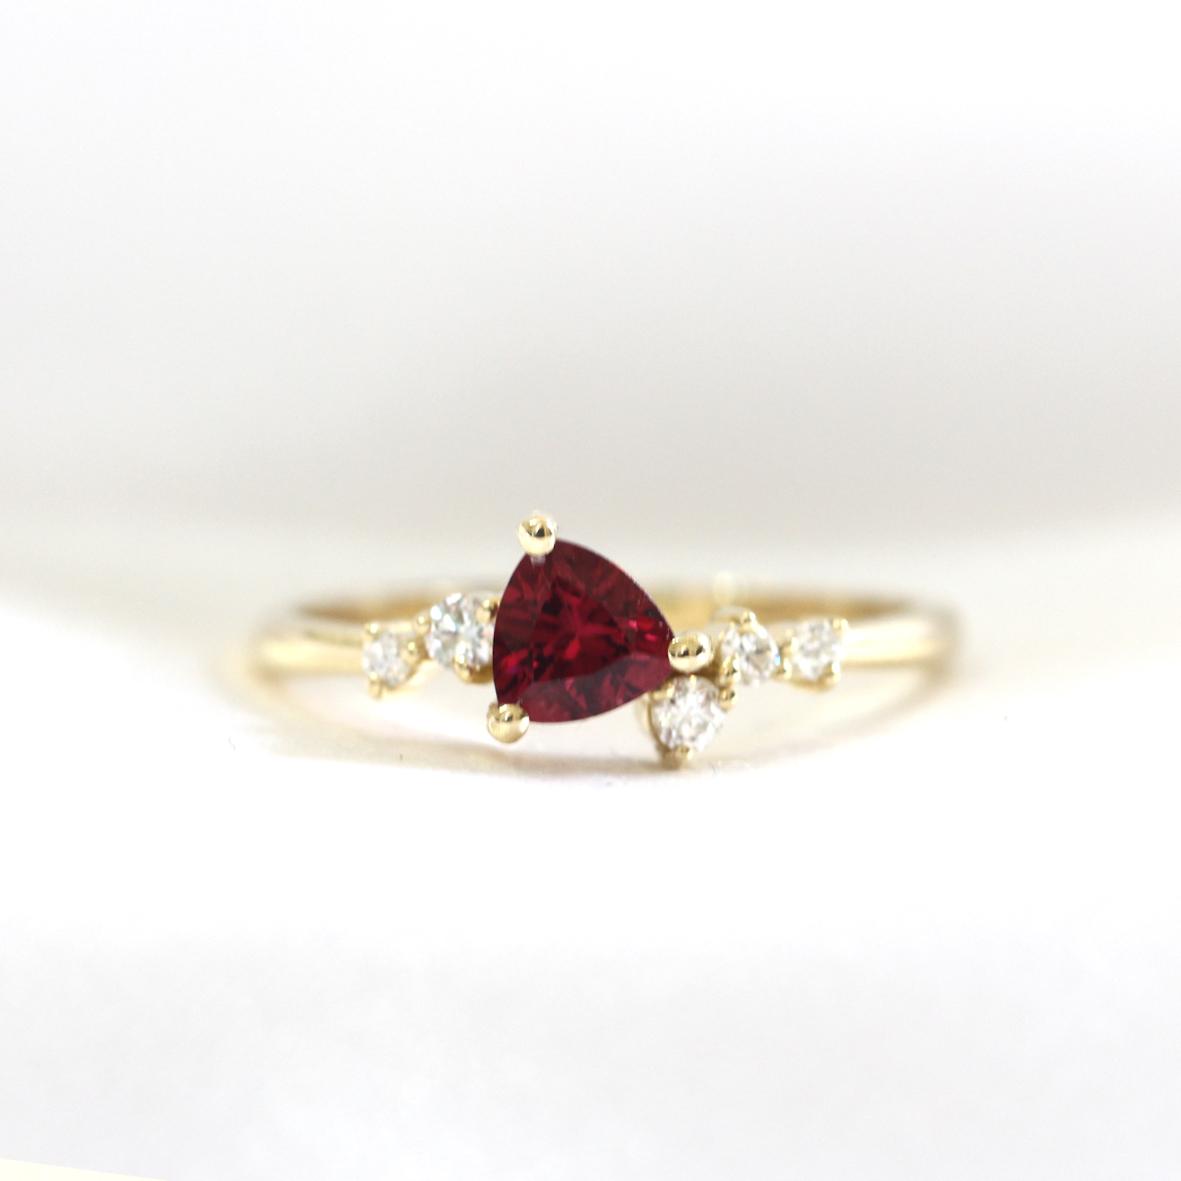 טבעת אירוסין מושבצת רודולייט בחיתוך טריליון ויהלומים מסביב